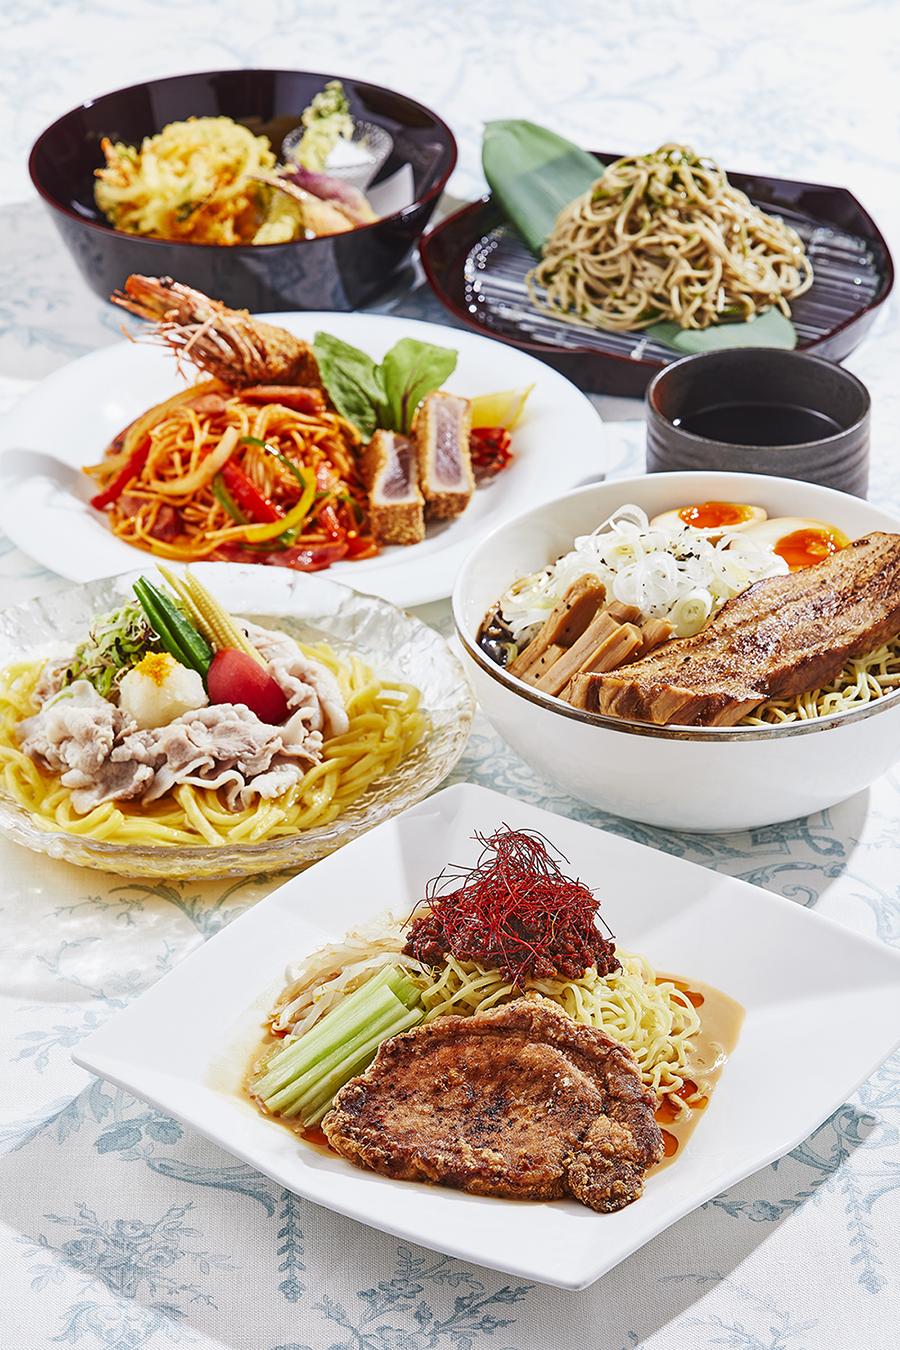 暑い季節に食べたい「夏の麺フェア」開催──おすすめの麺5種を用意[東京・赤坂見附]